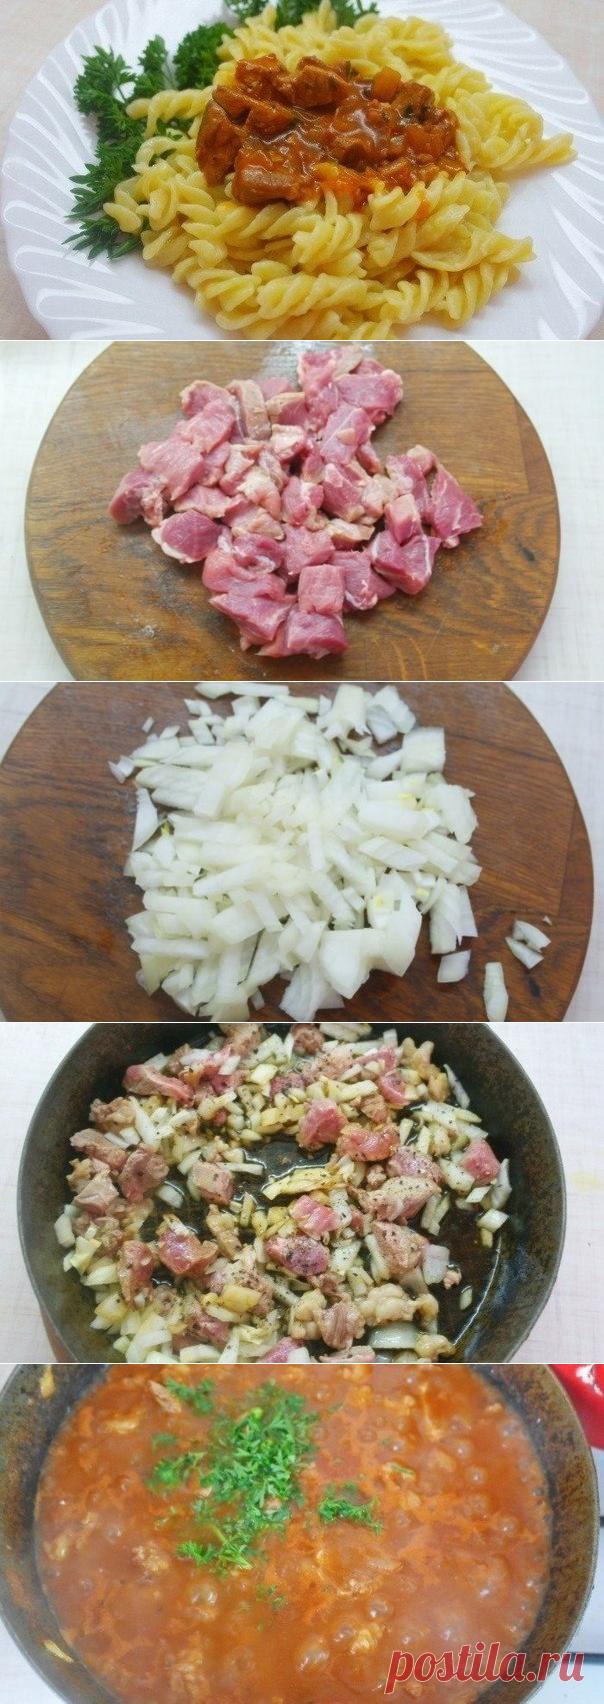 Как приготовить мясная подлива-соус для вторых блюд - рецепт, ингредиенты и фотографии